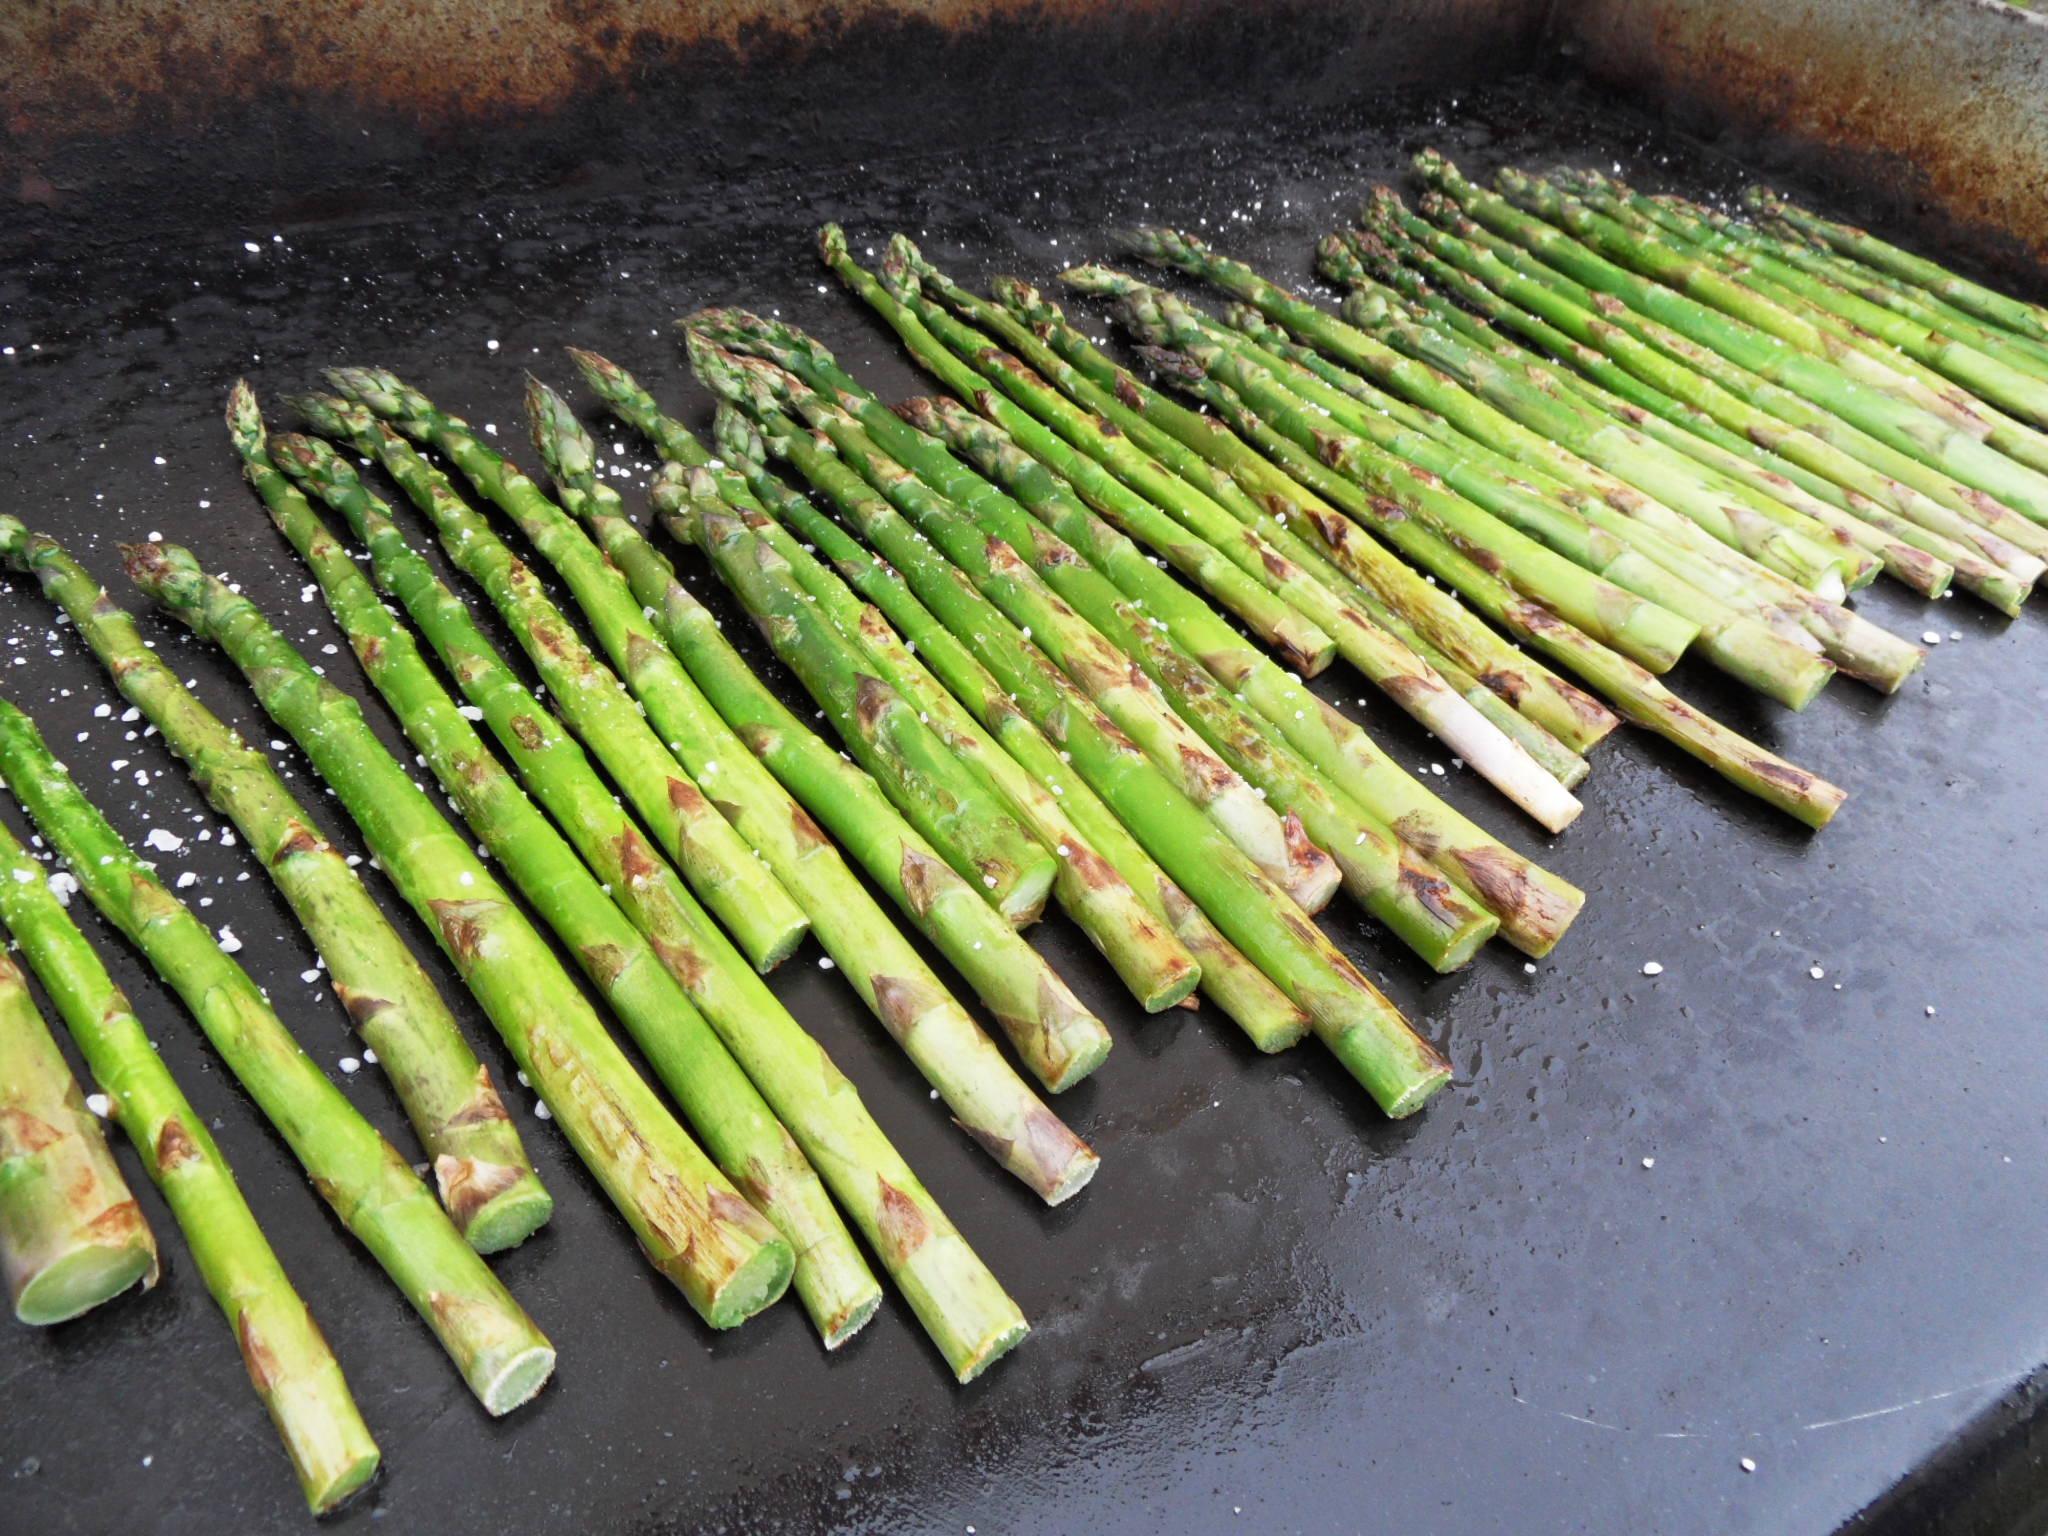 recettes d asperges vertes asperges vertes du producteur. Black Bedroom Furniture Sets. Home Design Ideas